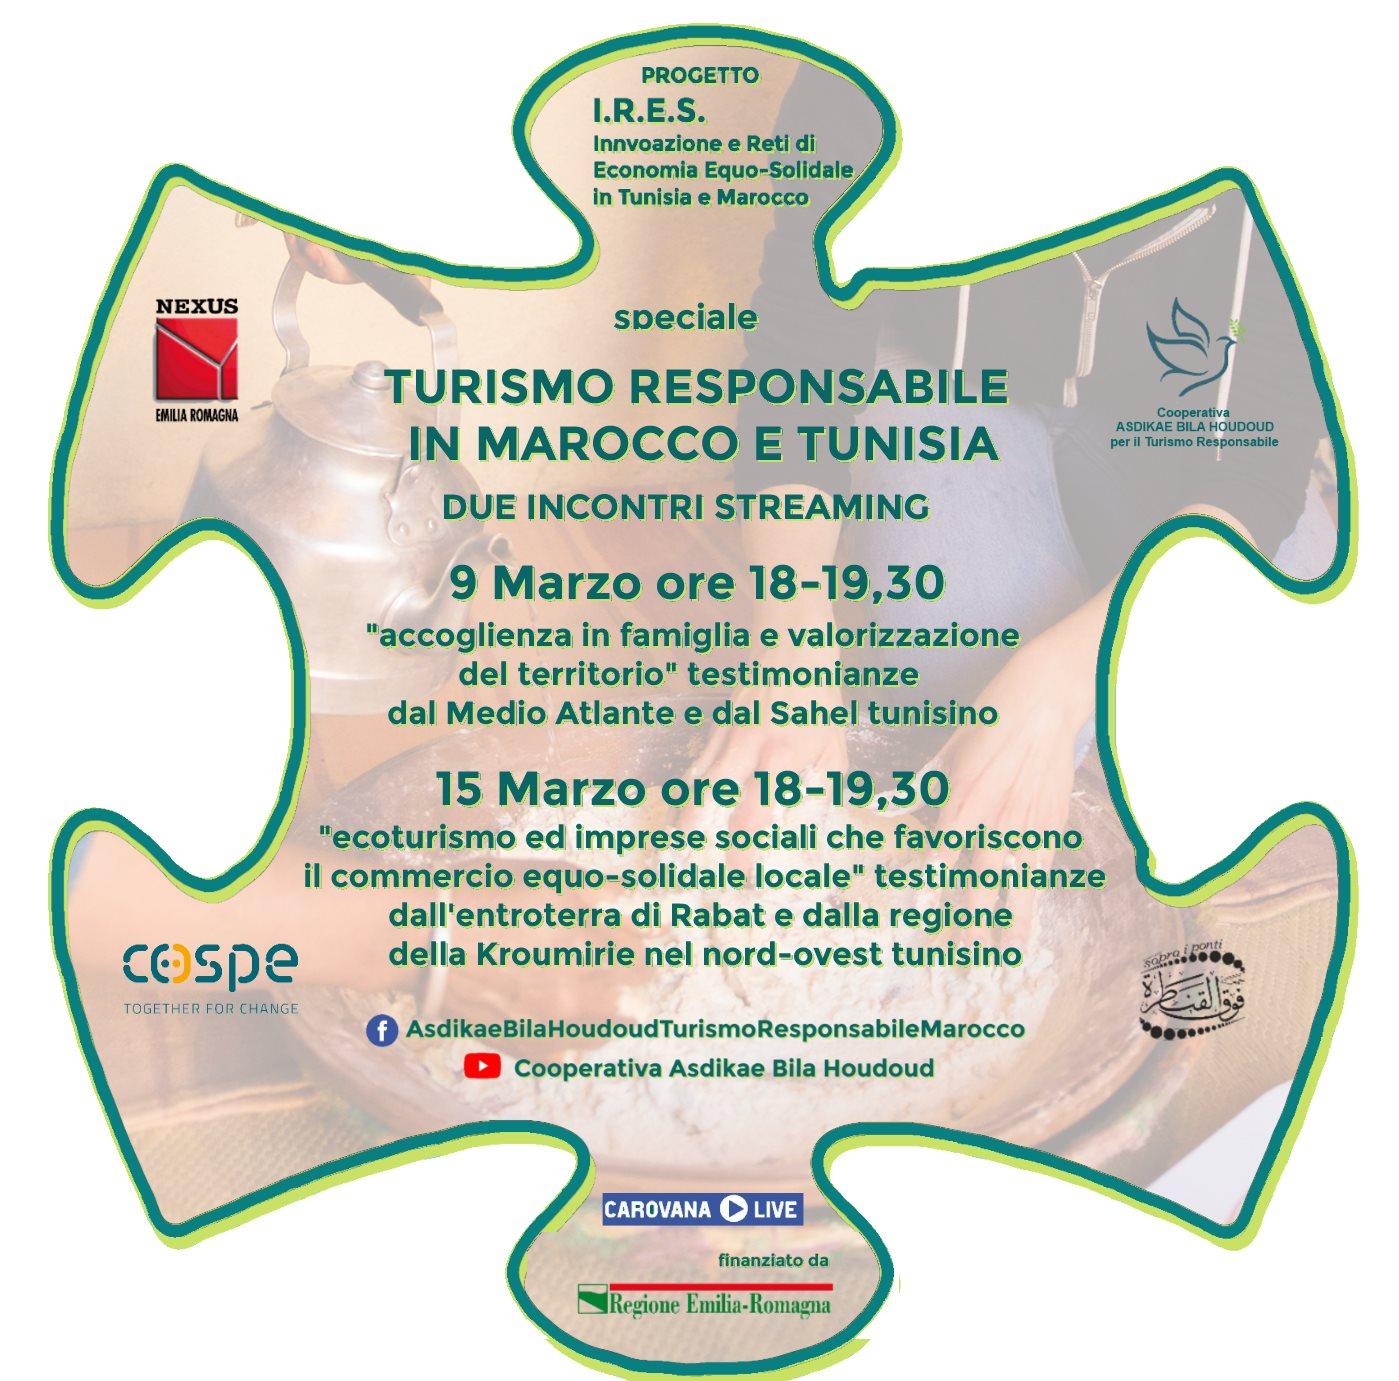 Progetto I.R.E.S. Turismo responsabile in Marocco e Tunisia